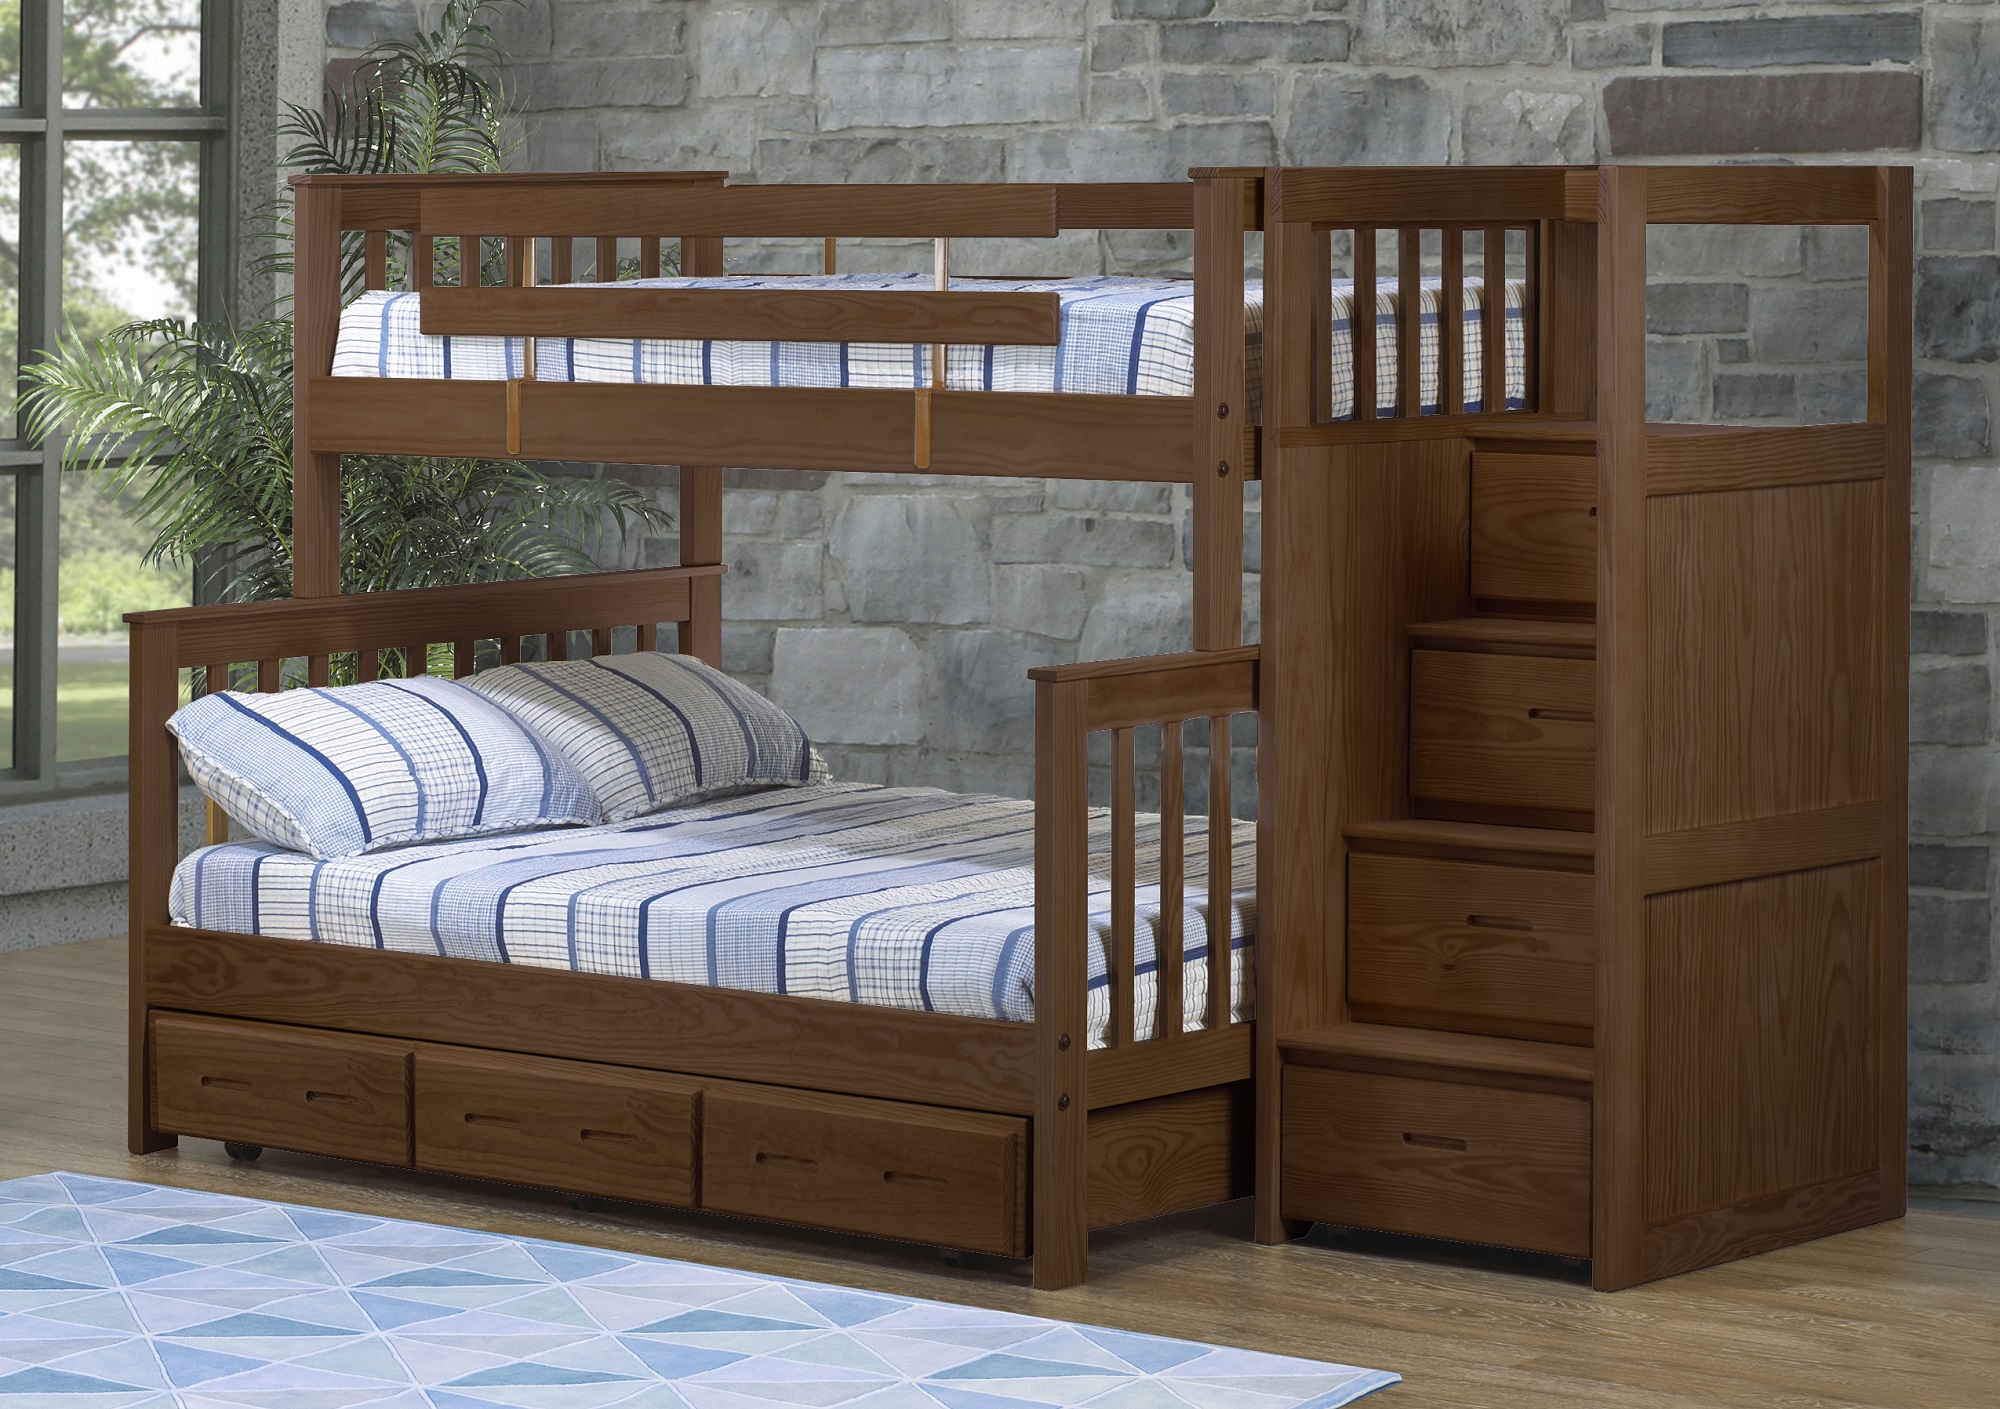 grandir avec son lit du neuf dans les chambres d enfants. Black Bedroom Furniture Sets. Home Design Ideas